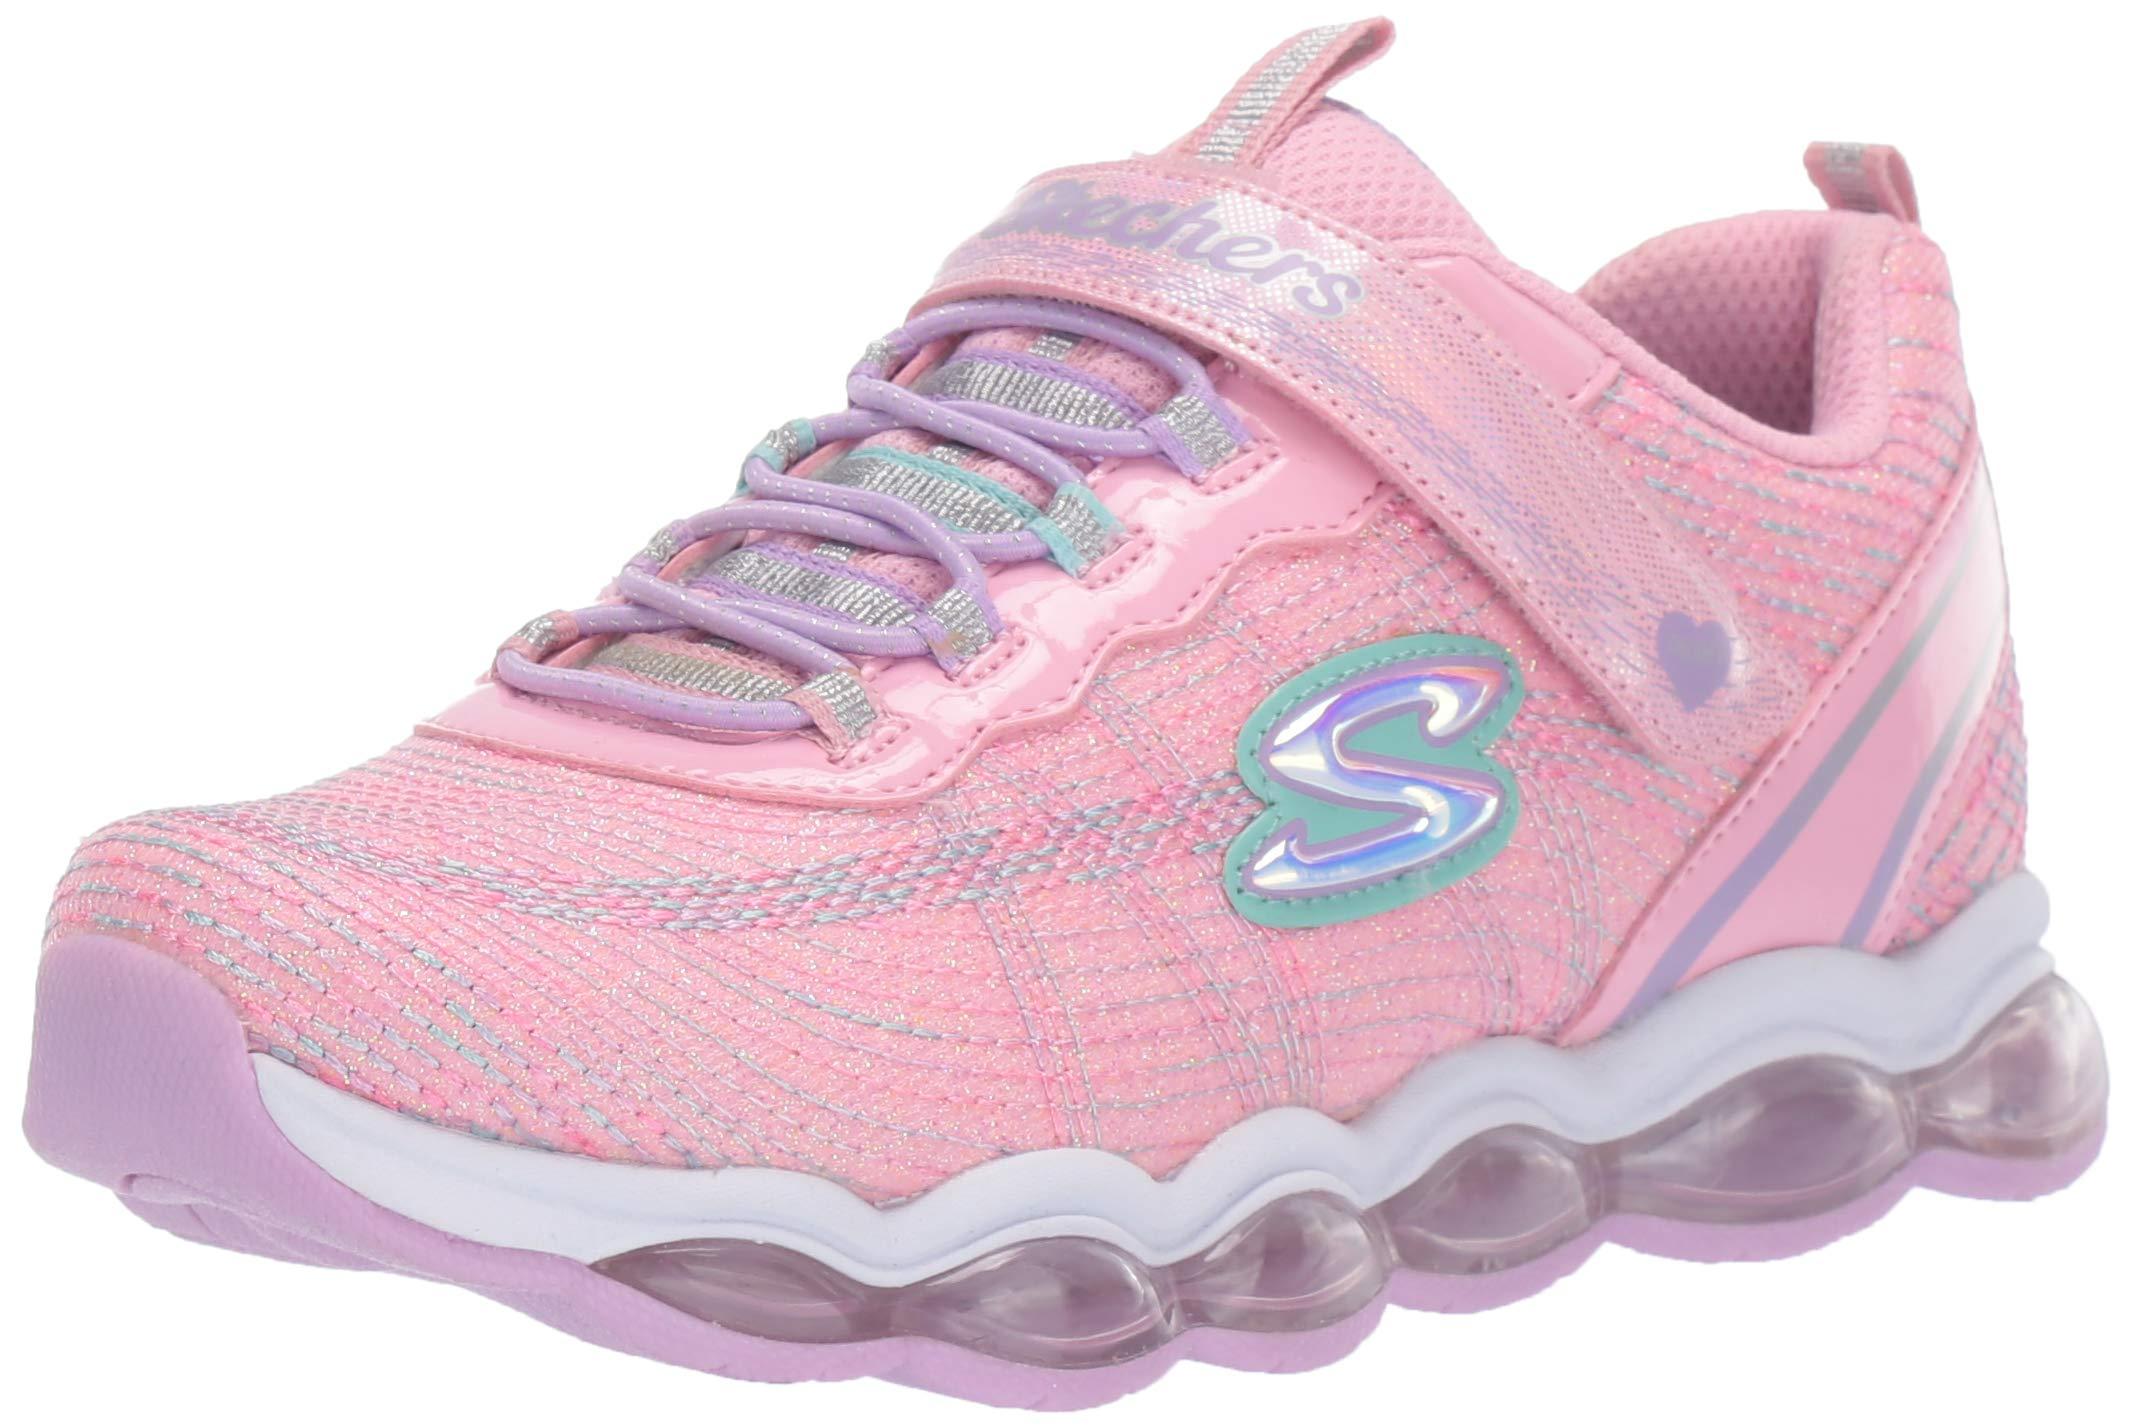 Skechers Kids Girls' Glimmer Sneaker, Light Pink/Multi, 2 Medium US Little Kid